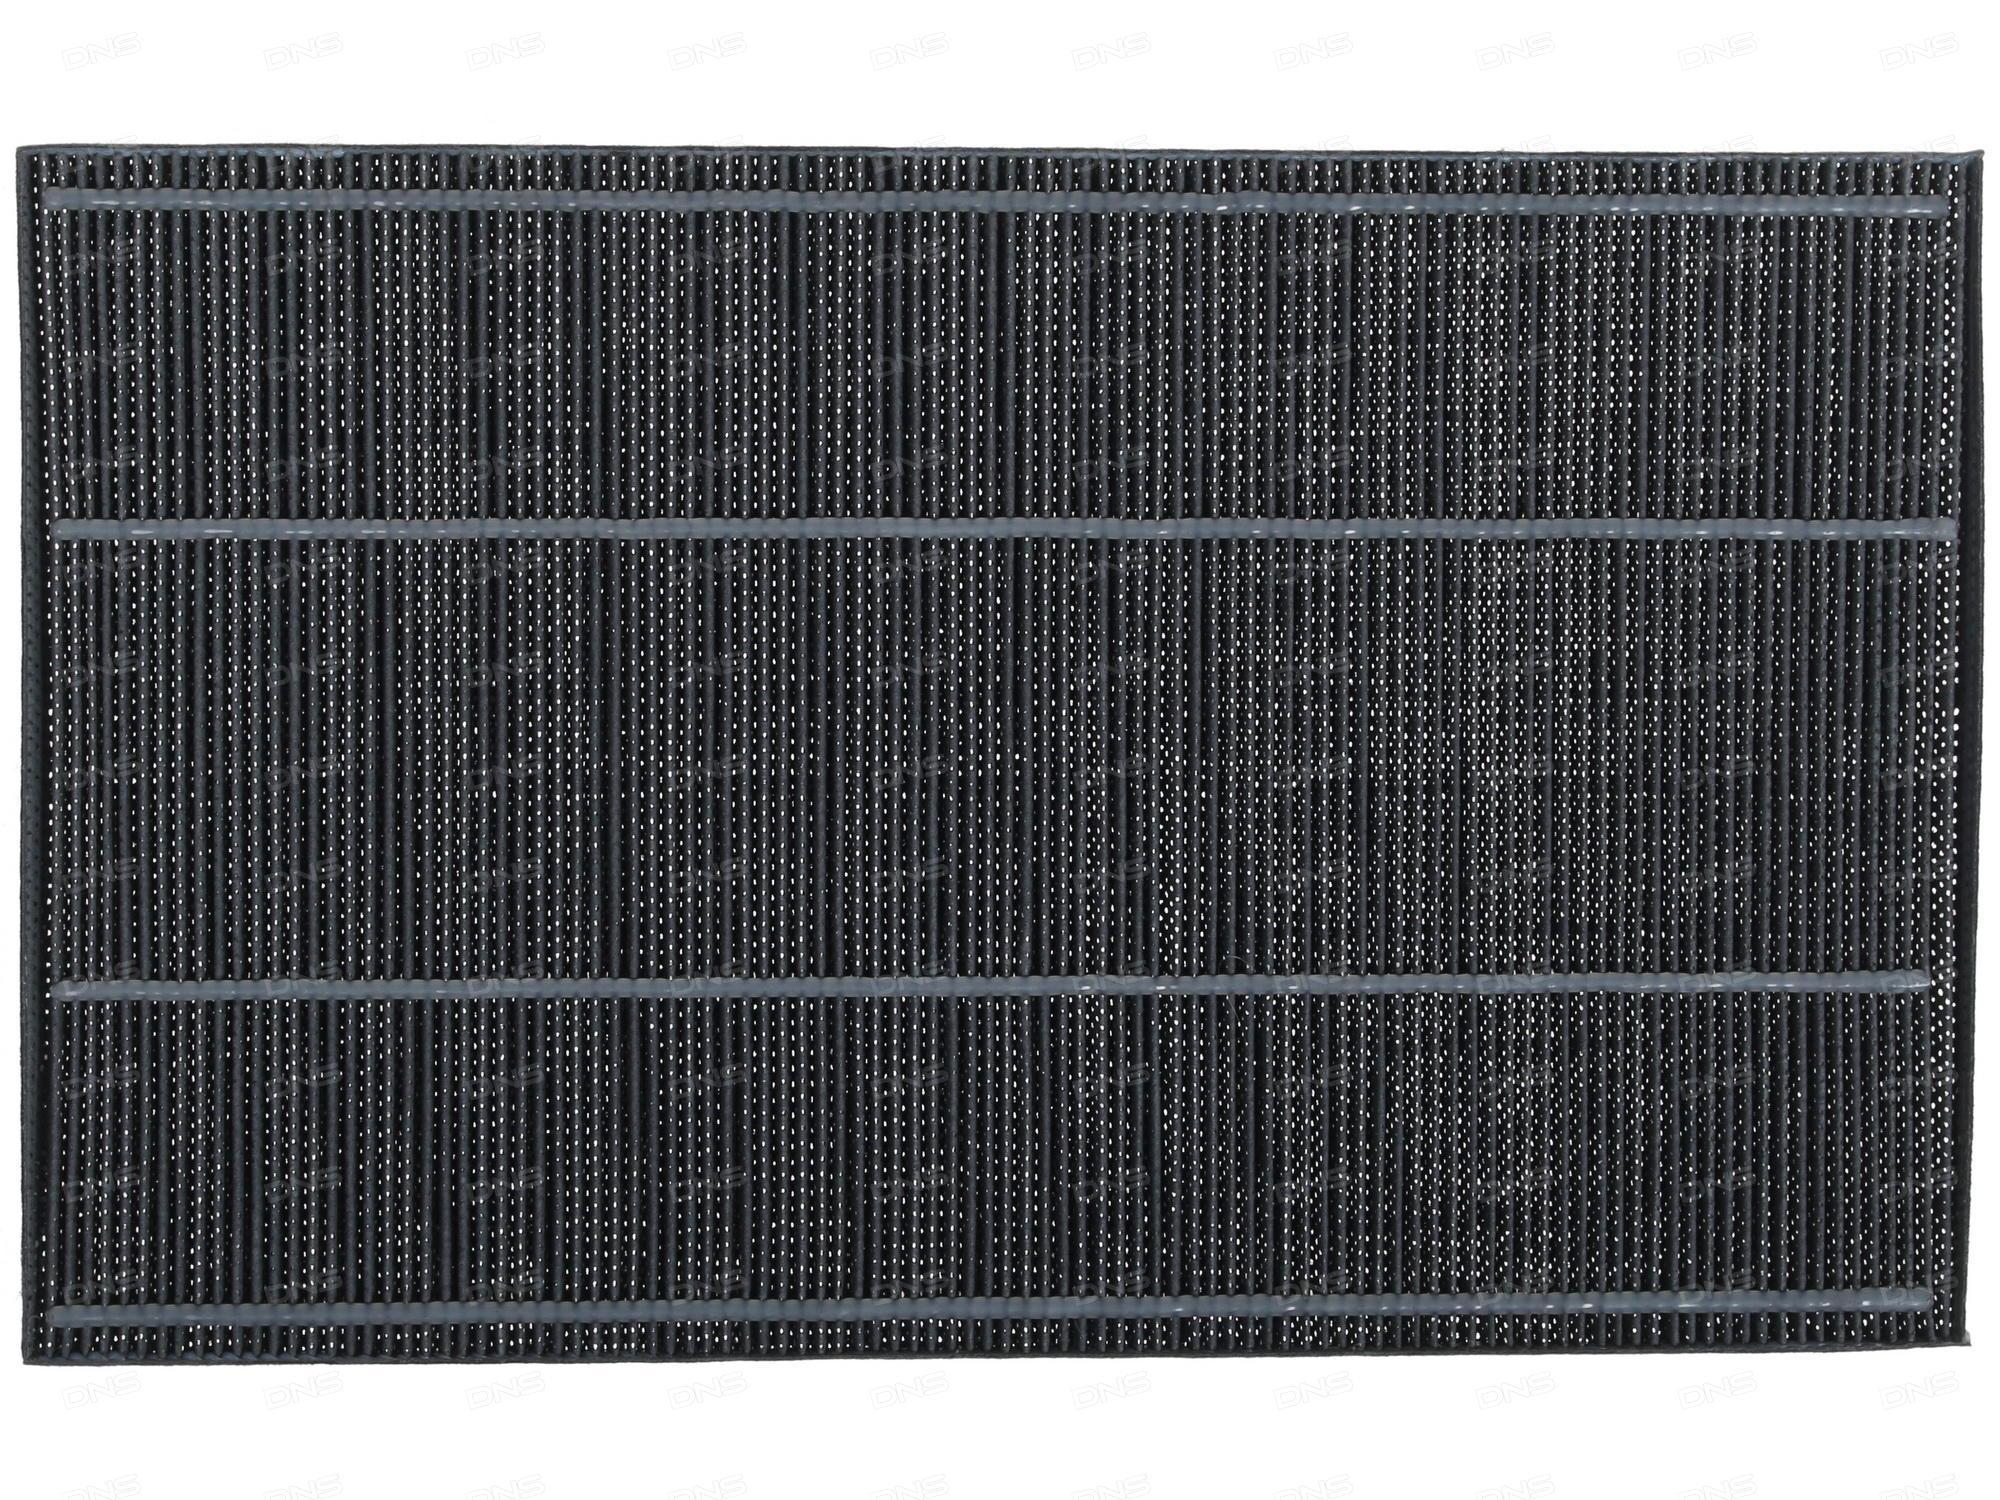 Фильтр дезодорирующий FZ - A61 DFR для Sharp КС- А60/61